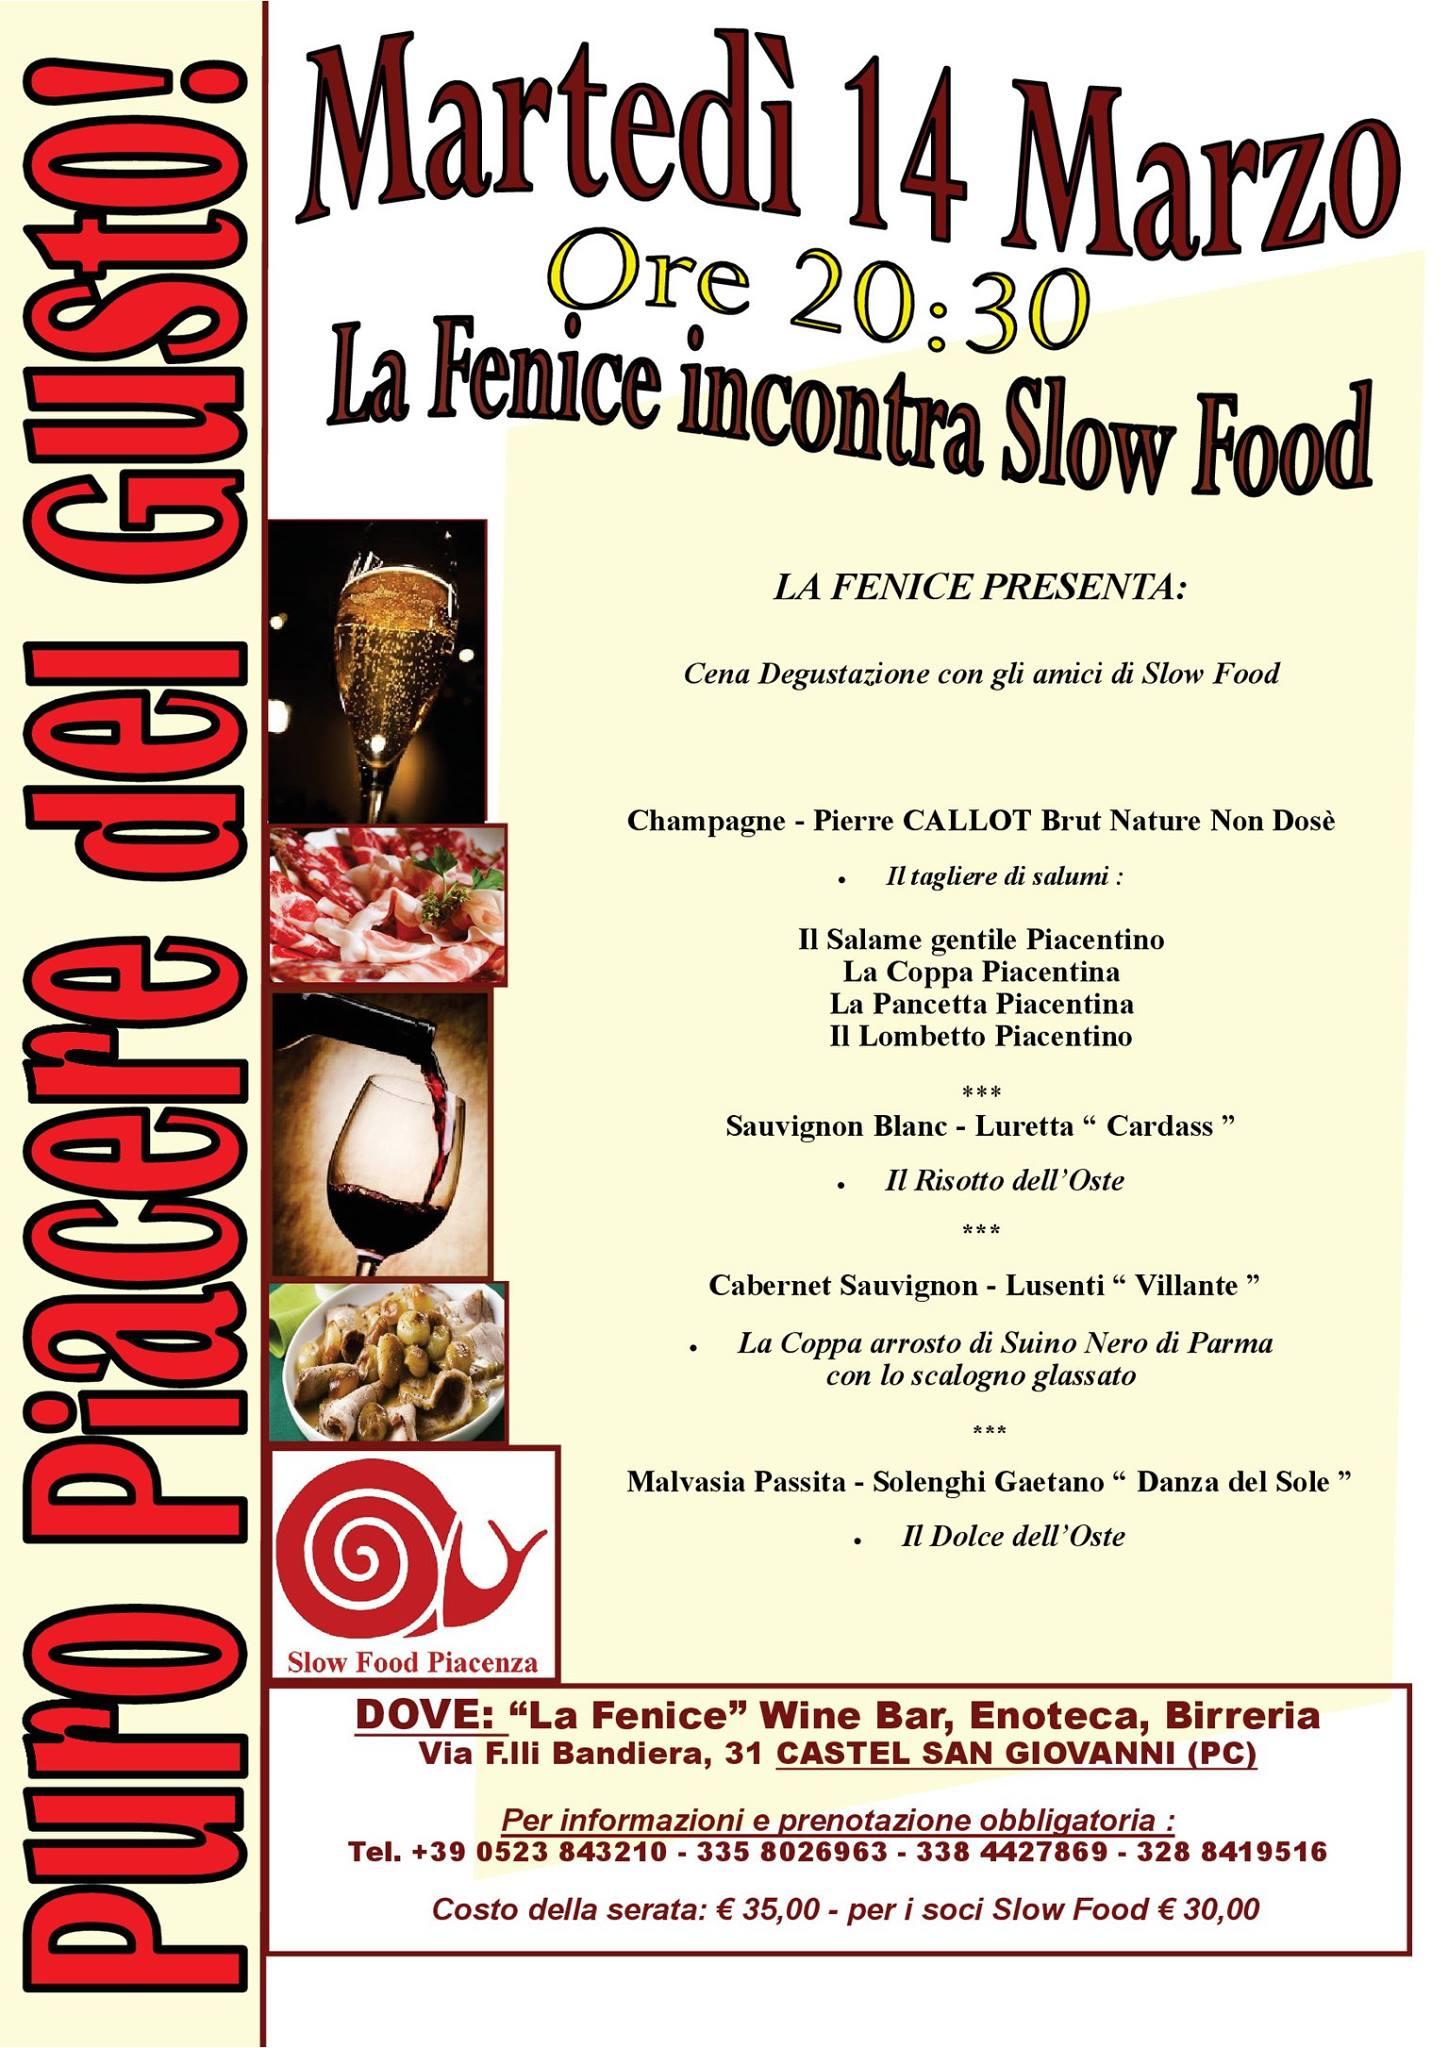 Slow Food Piacenza : incontri in Condotta